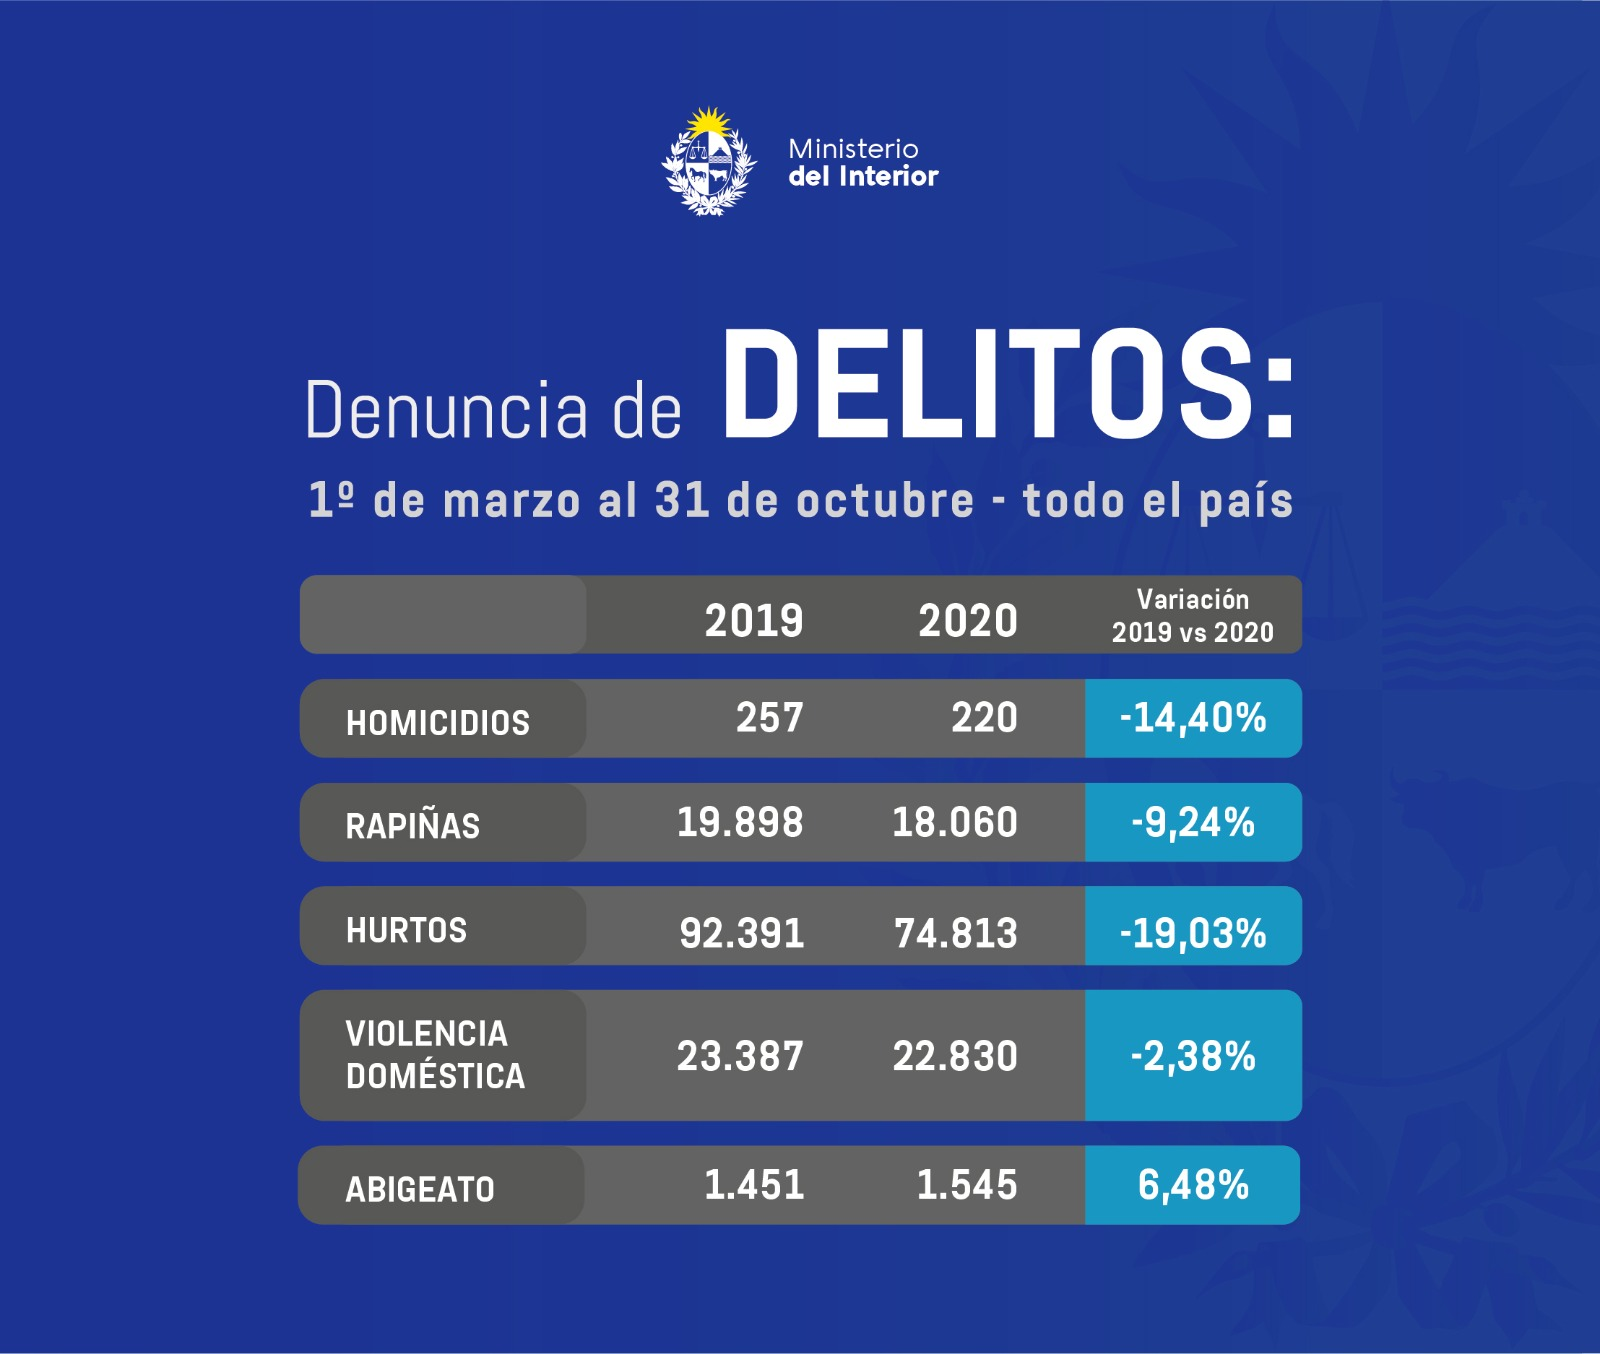 1 - Se registró una baja de homicidios, rapiñas y hurtos en 2020, según Ministerio del Interior